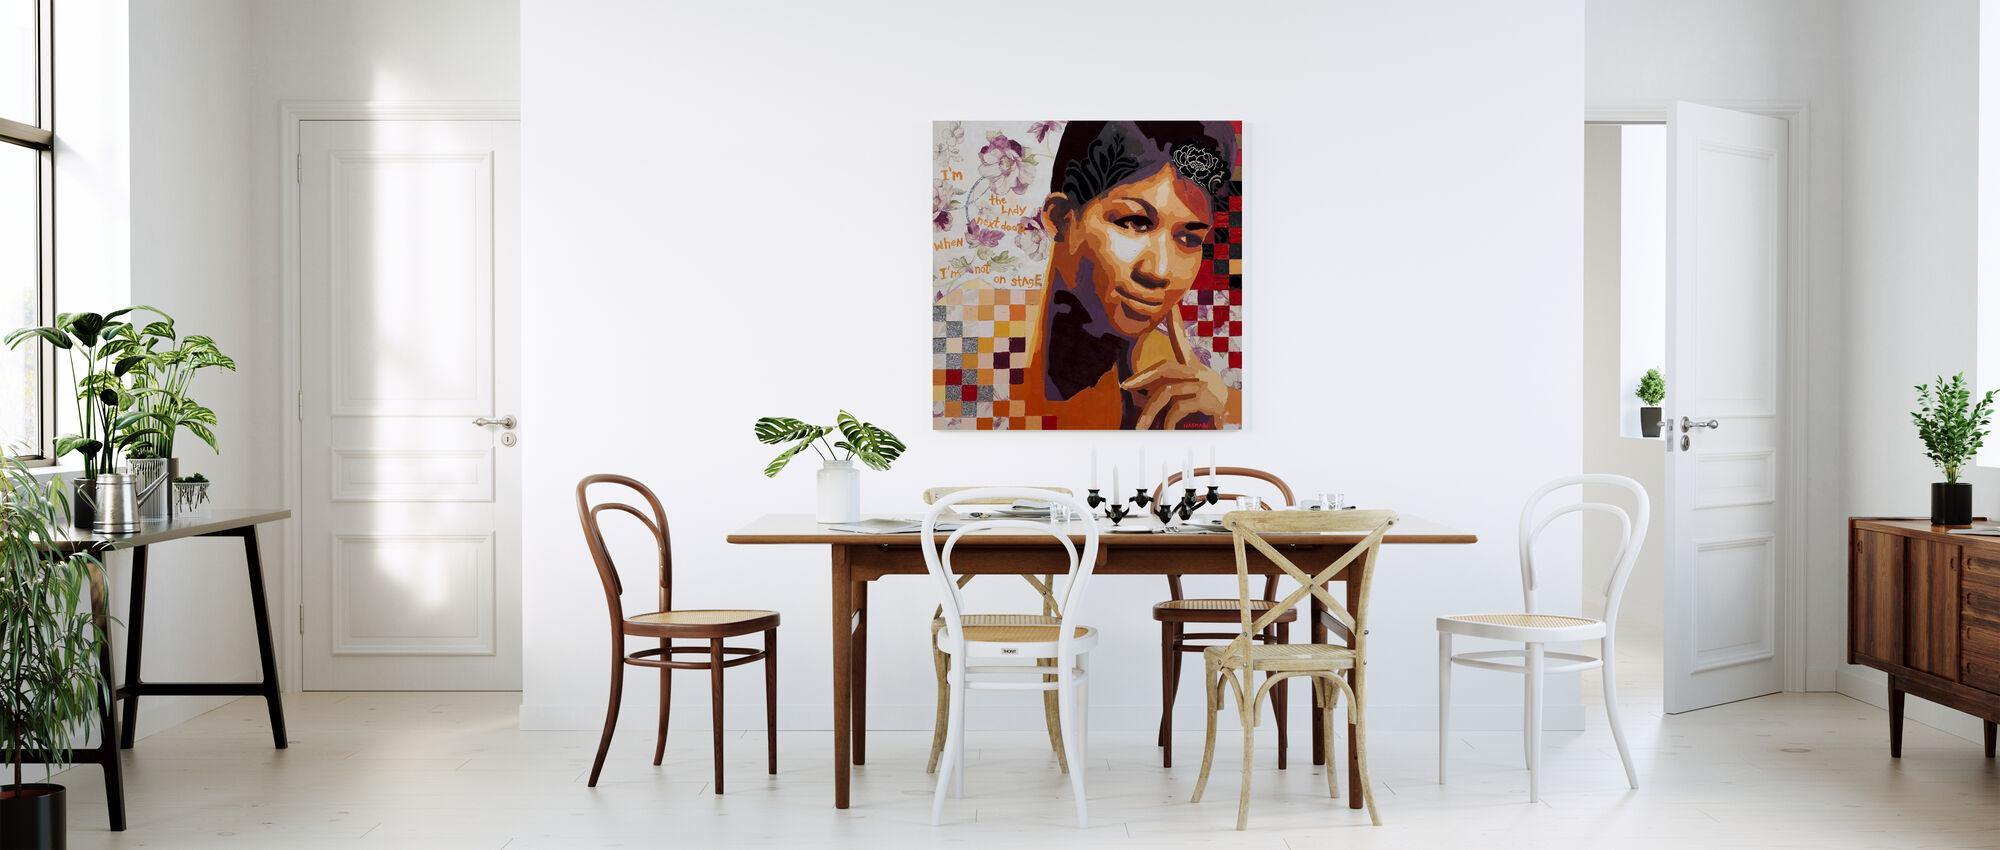 Jenta ved siden av - Lerretsbilde - Kjøkken